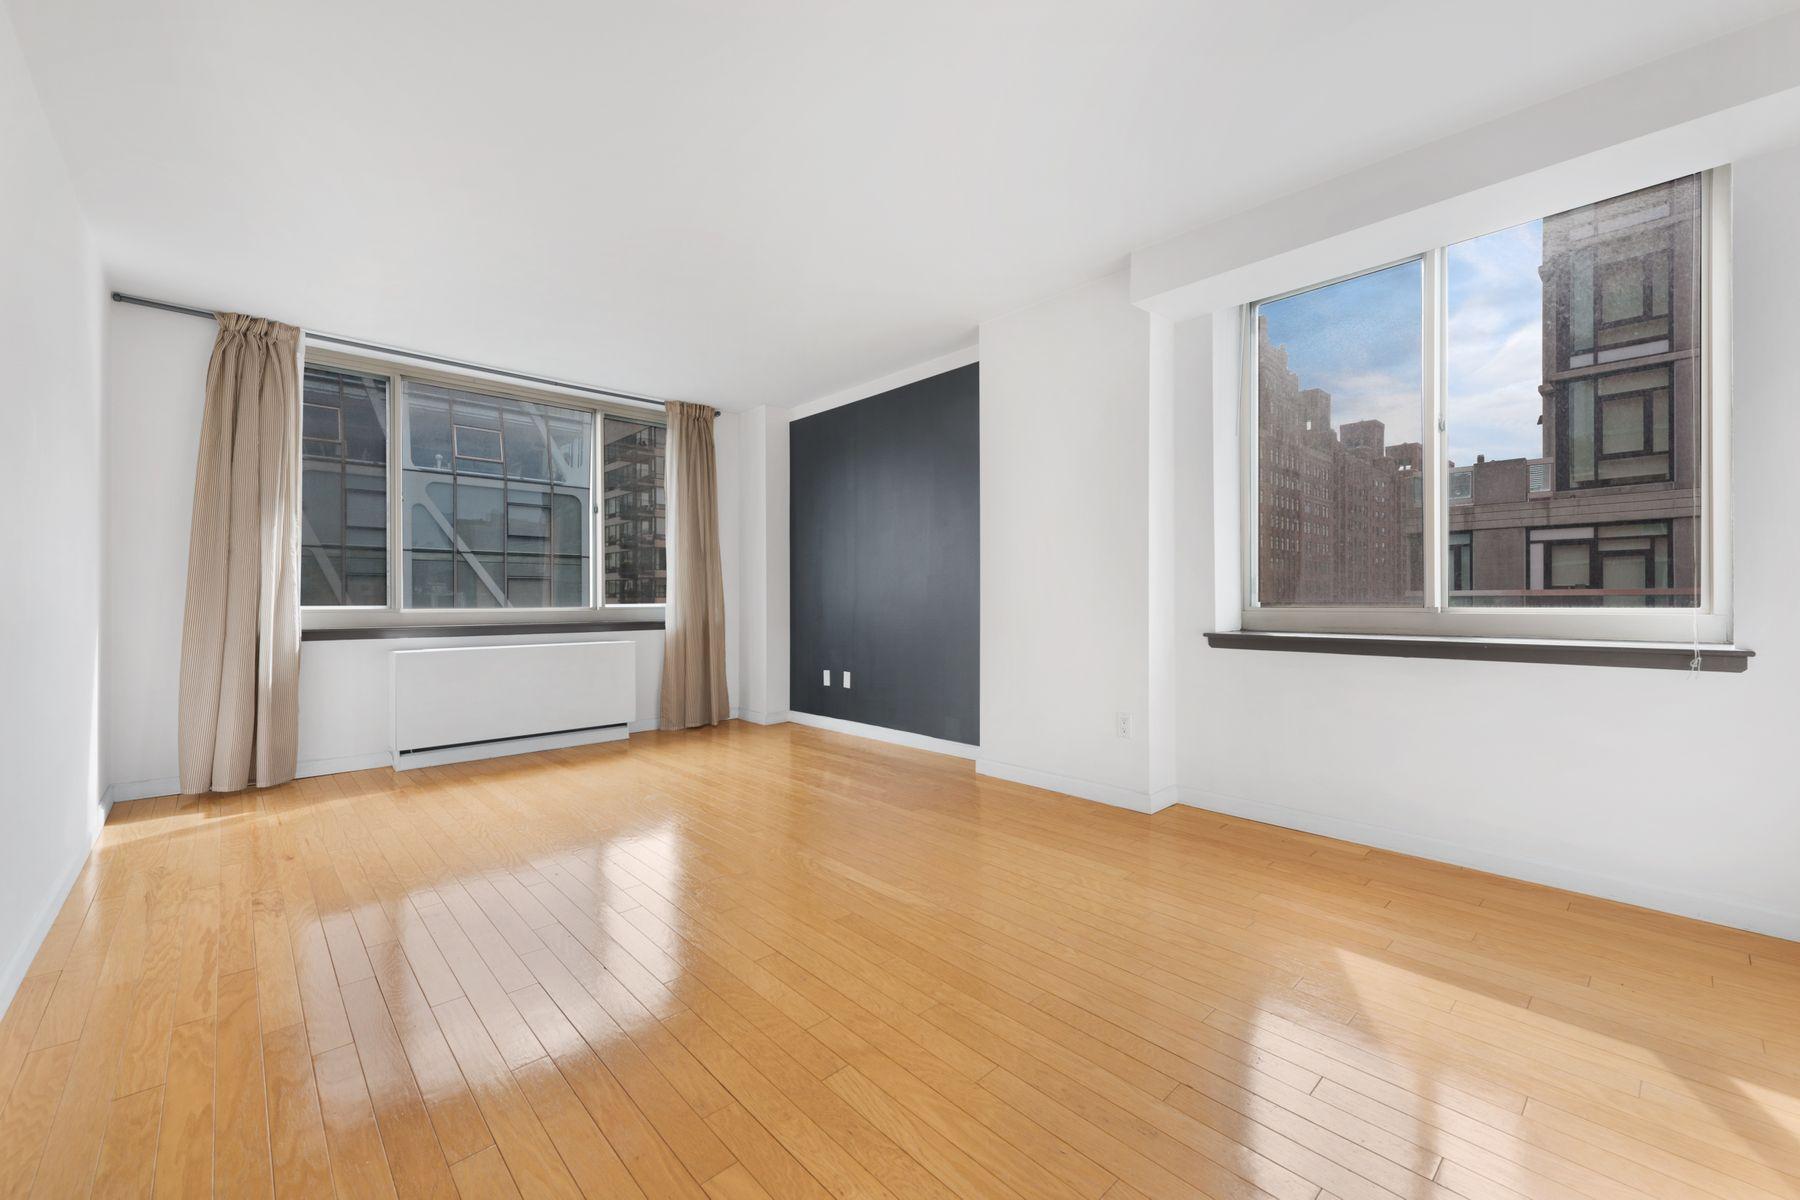 Apartamento por un Alquiler en Chelsea Corner 1 Bed w/ Open City Views 520 West 23rd Street Apt 9F New York, Nueva York 10011 Estados Unidos